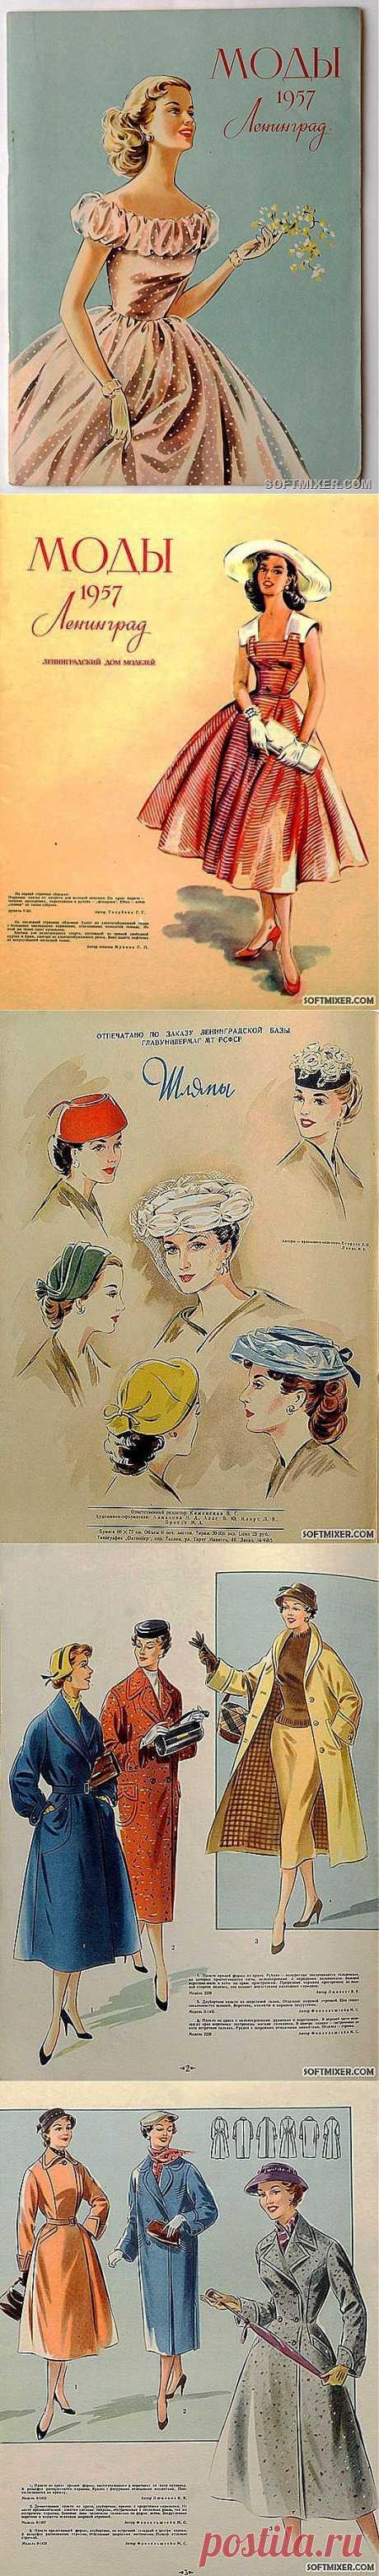 Женская мода 1957 года / Назад в СССР / Back in USSR